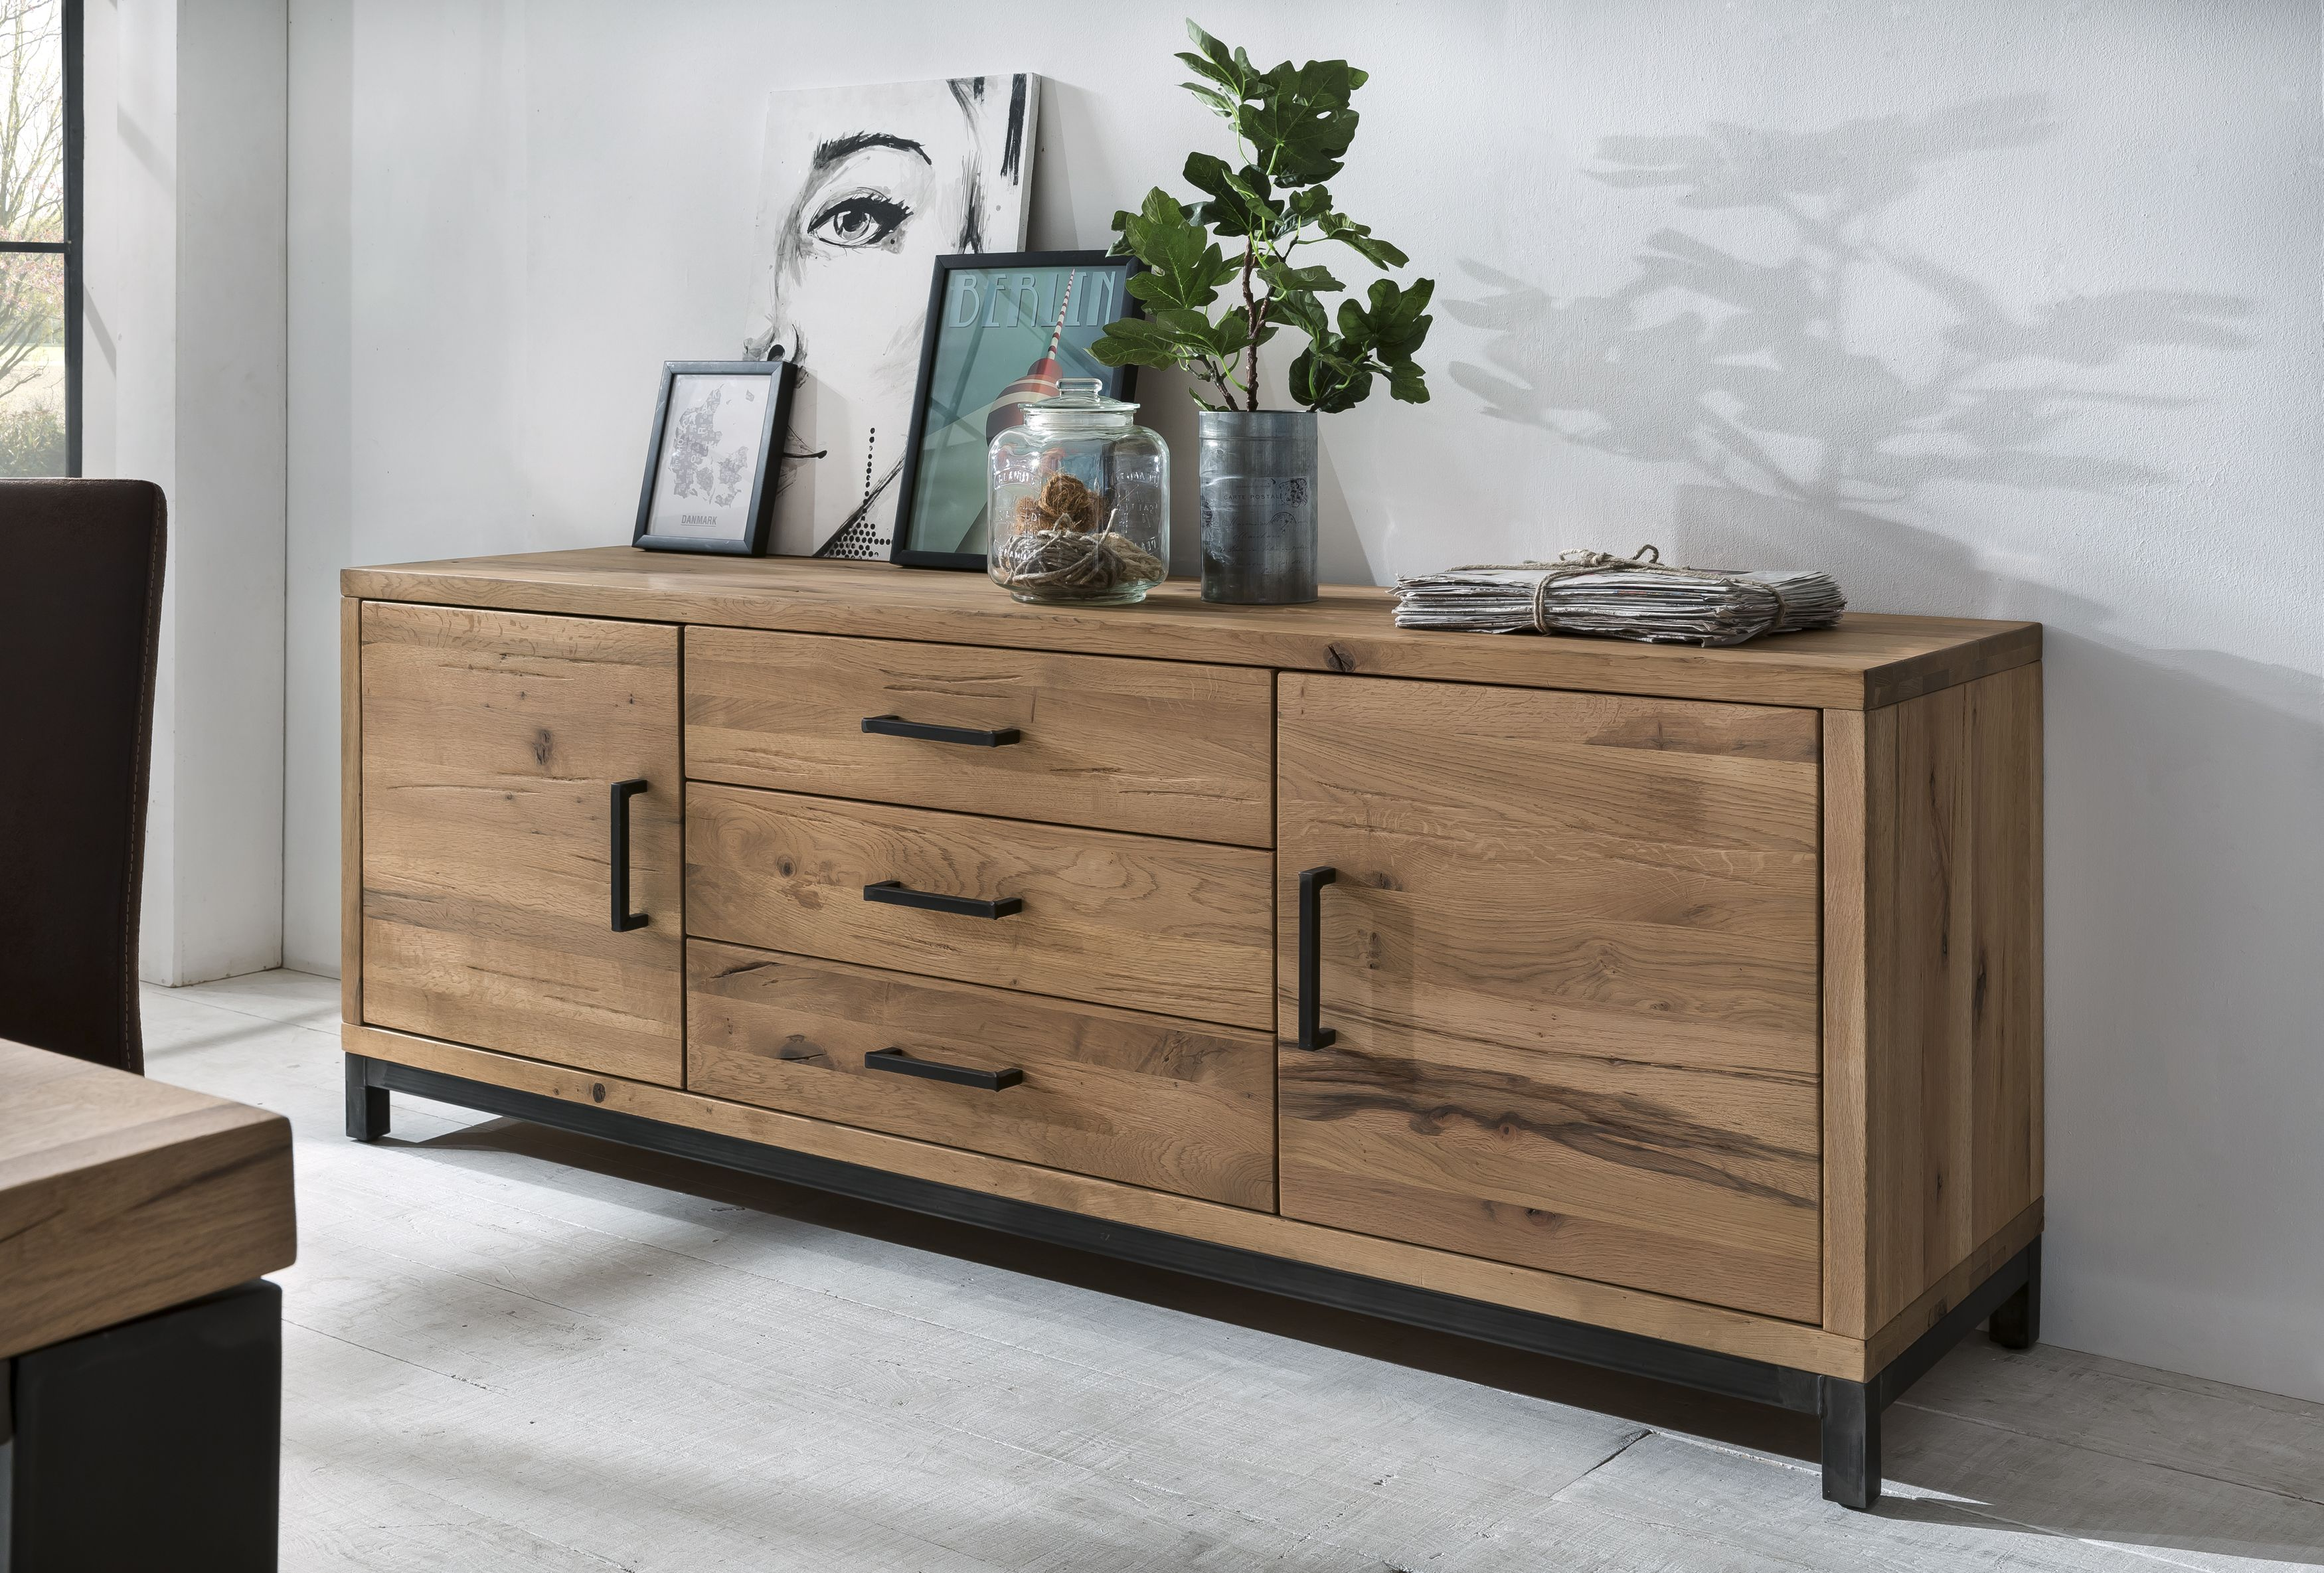 Sideboard bestano  cm eiche massivholz küche